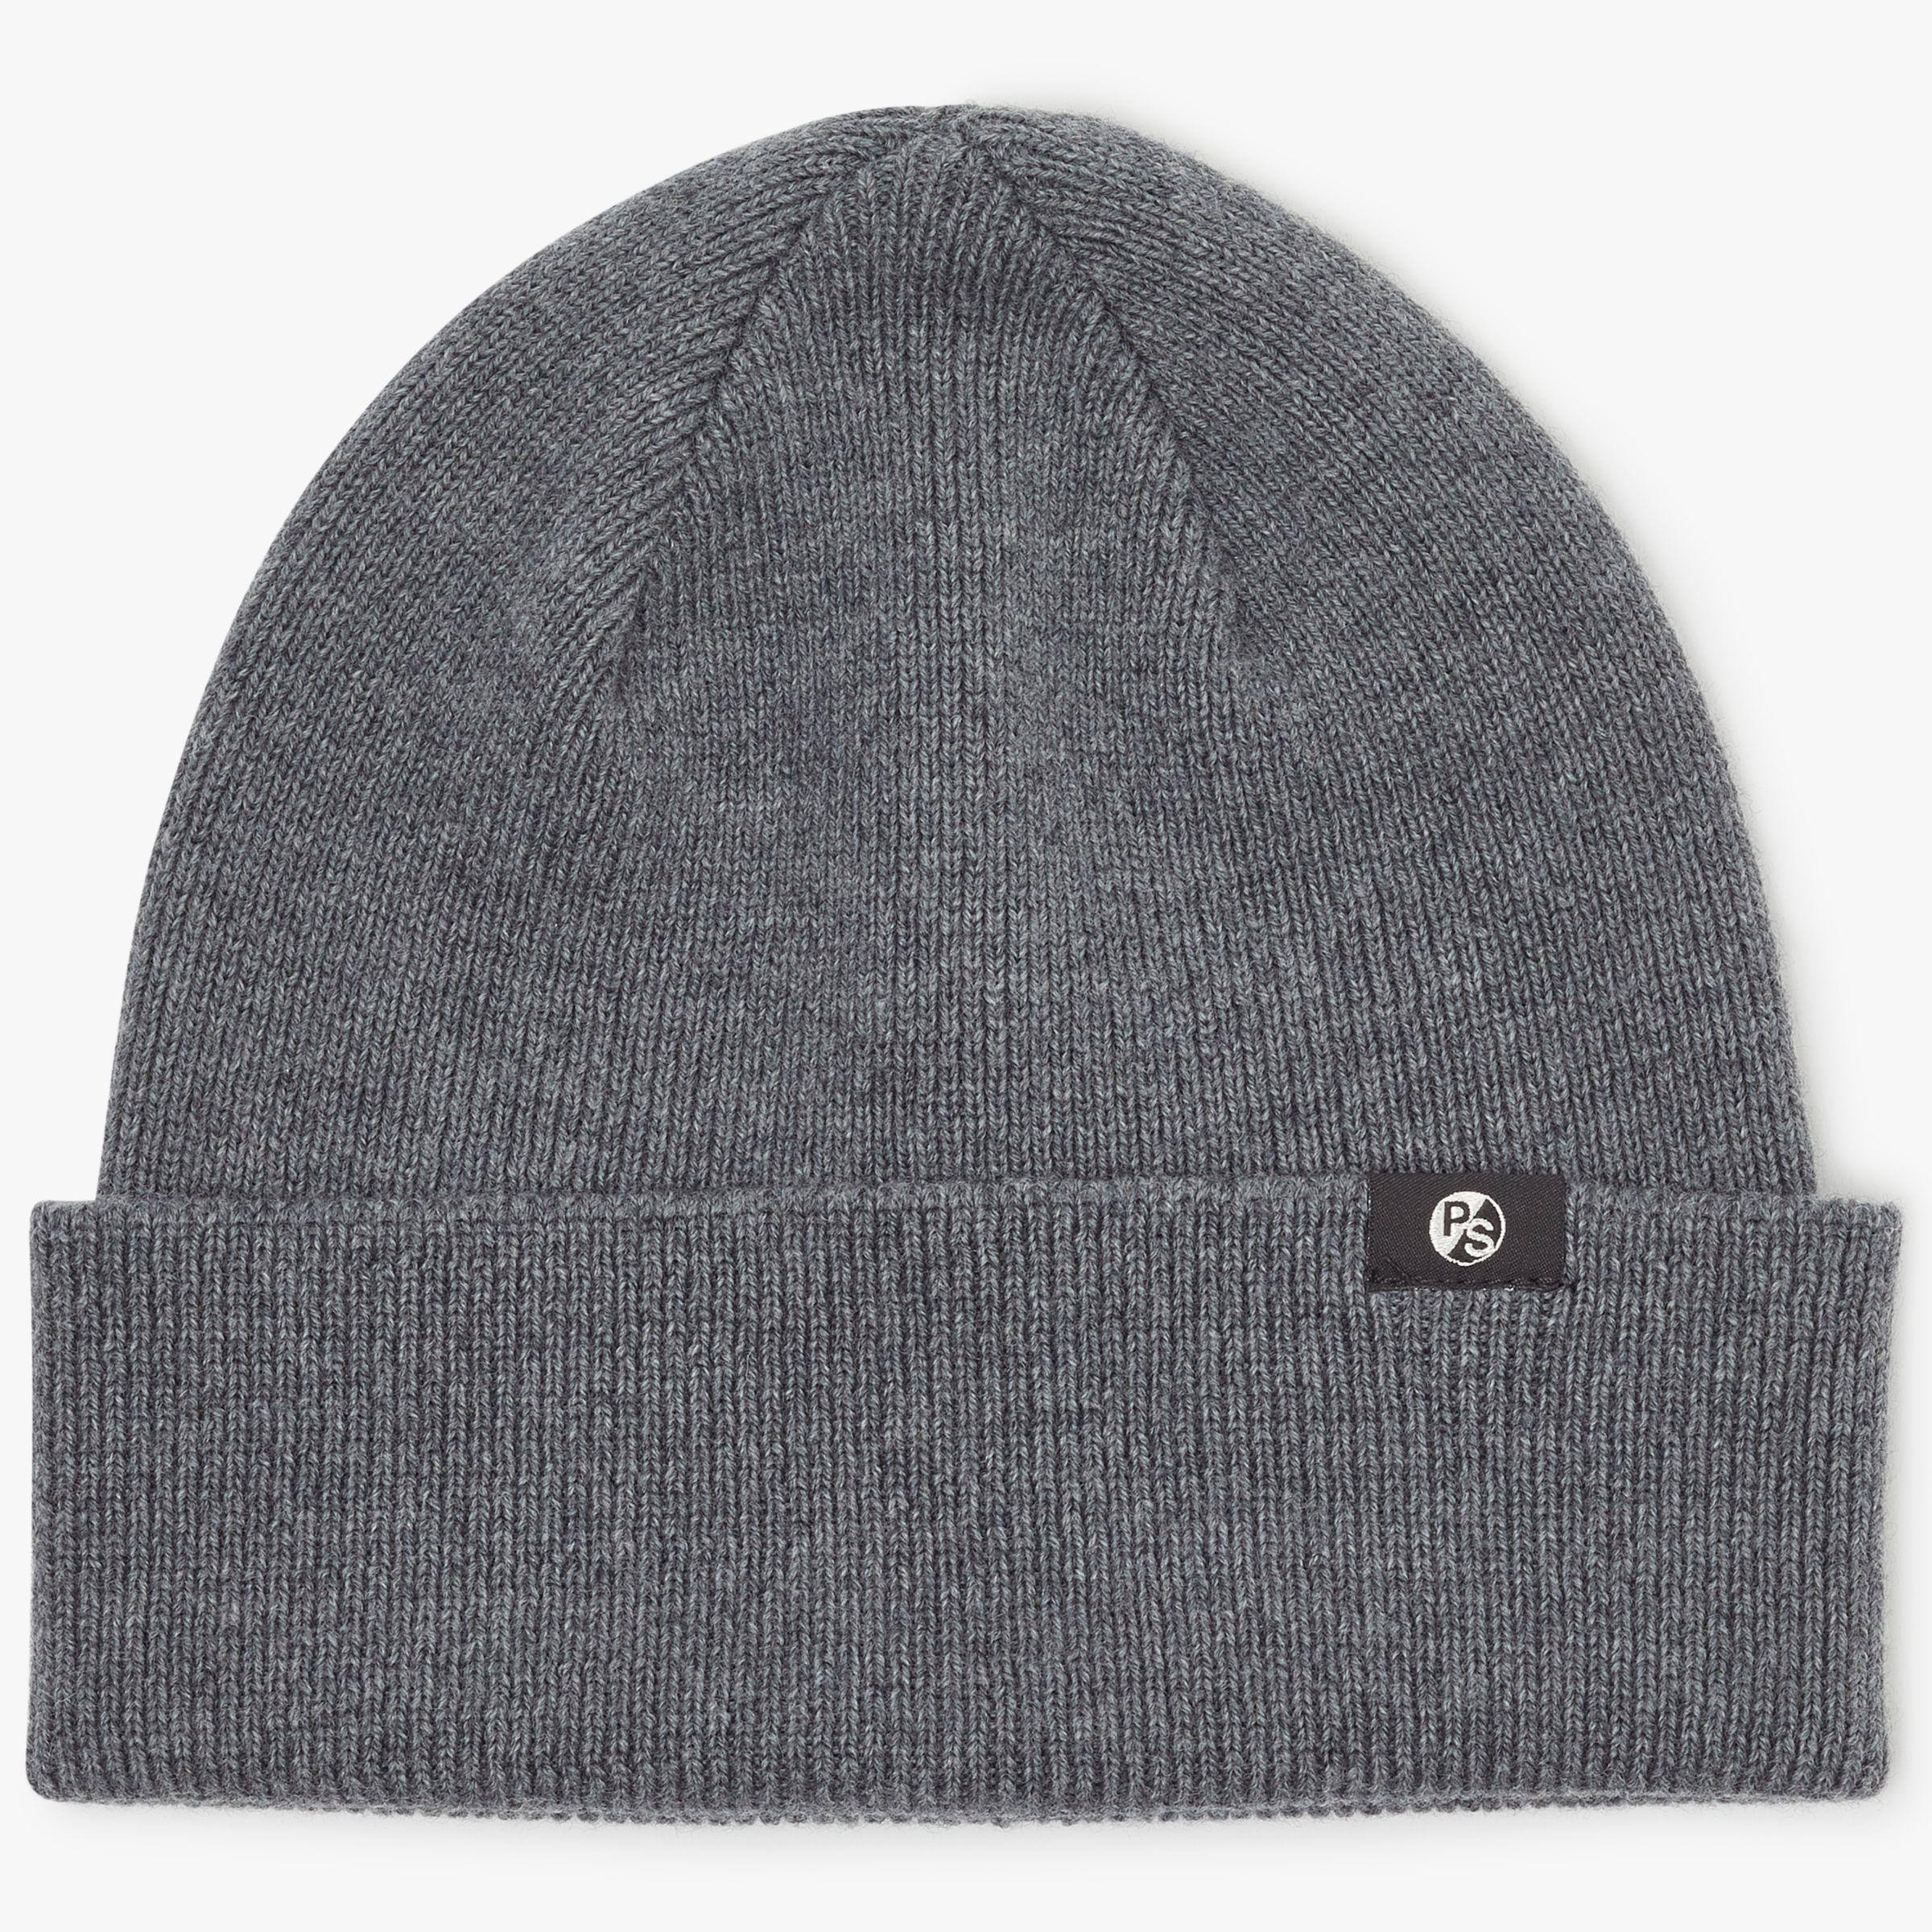 3f2c1c0114b Paul Smith Merino Wool Beanie Hat